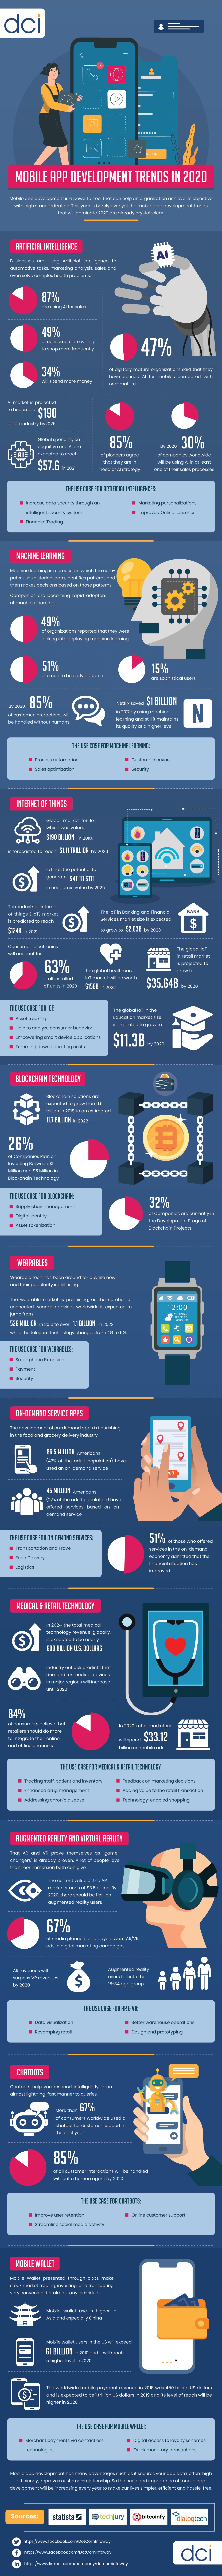 Mobile App Development Trends 2020 [Infographic] | DeviceDaily.com